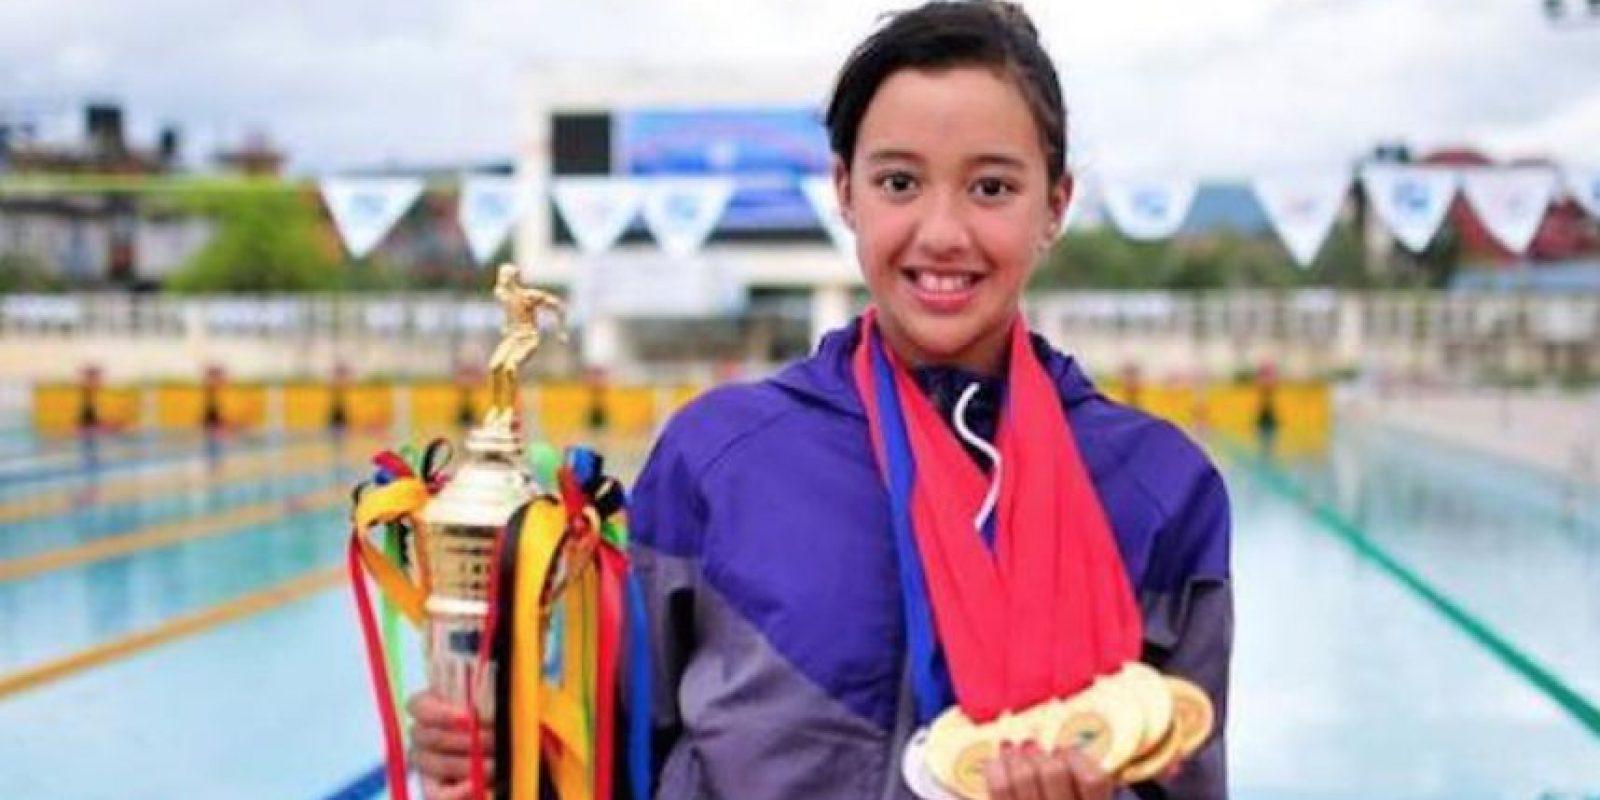 Gaurika Singh es la deportista más joven que participará en Río 2016 Foto:rio2016.com